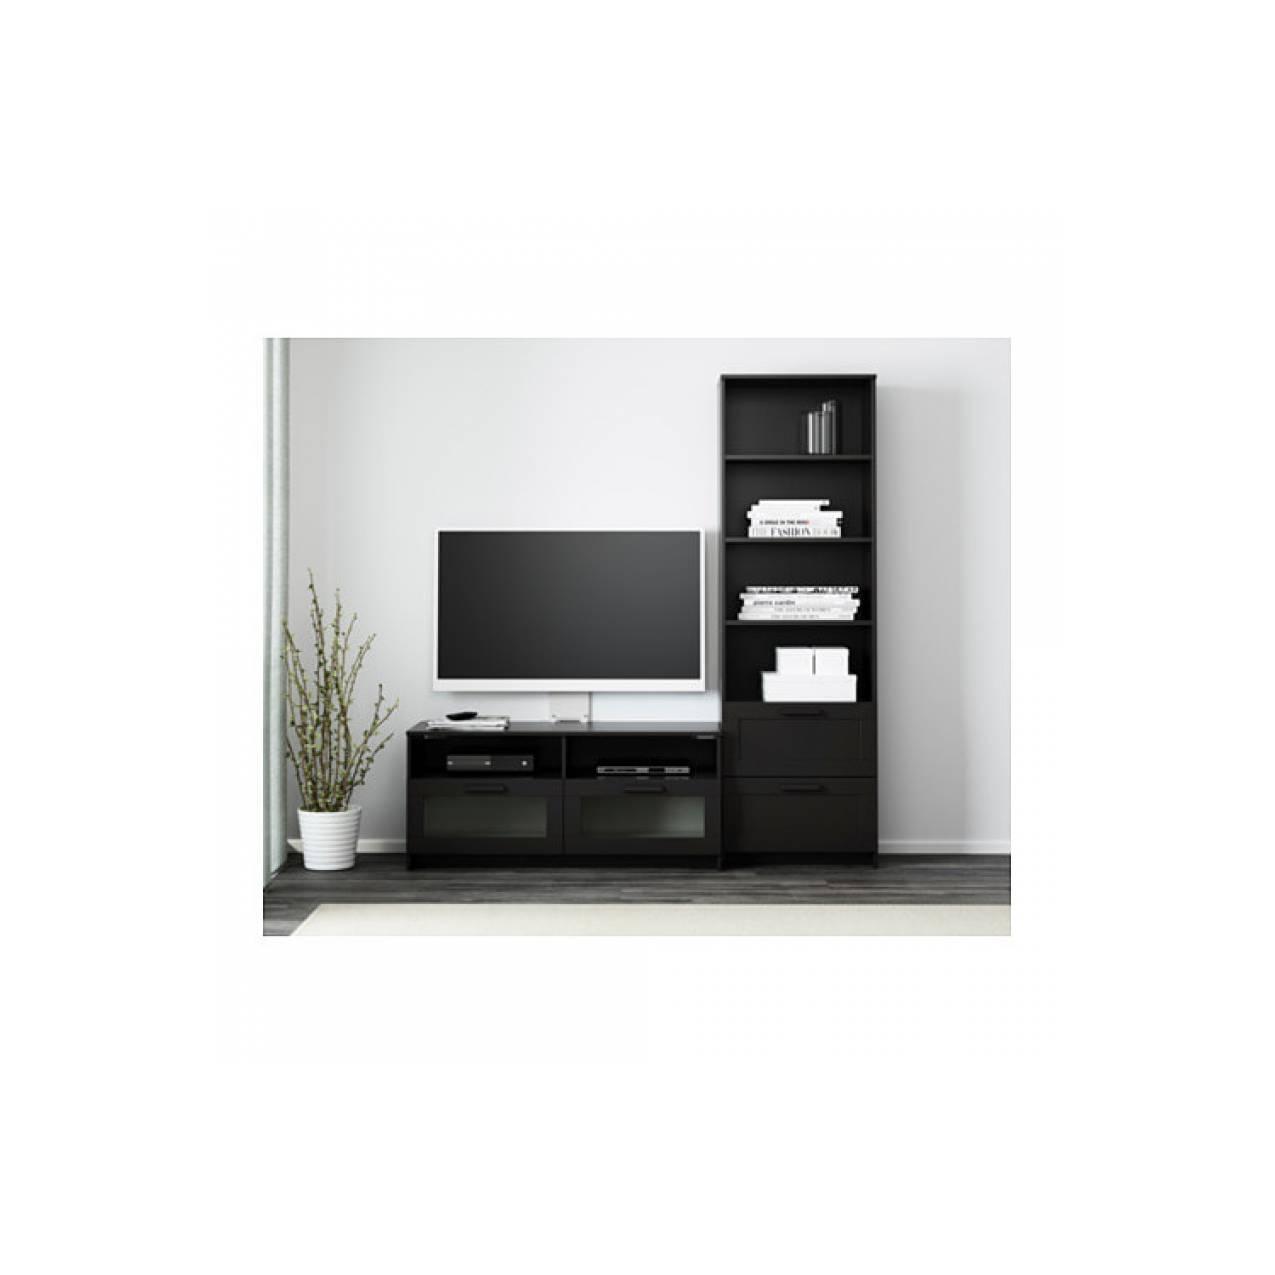 IKEA BRIMNES Kombinasi penyimpanan rak / lemari TV & buku, hitam